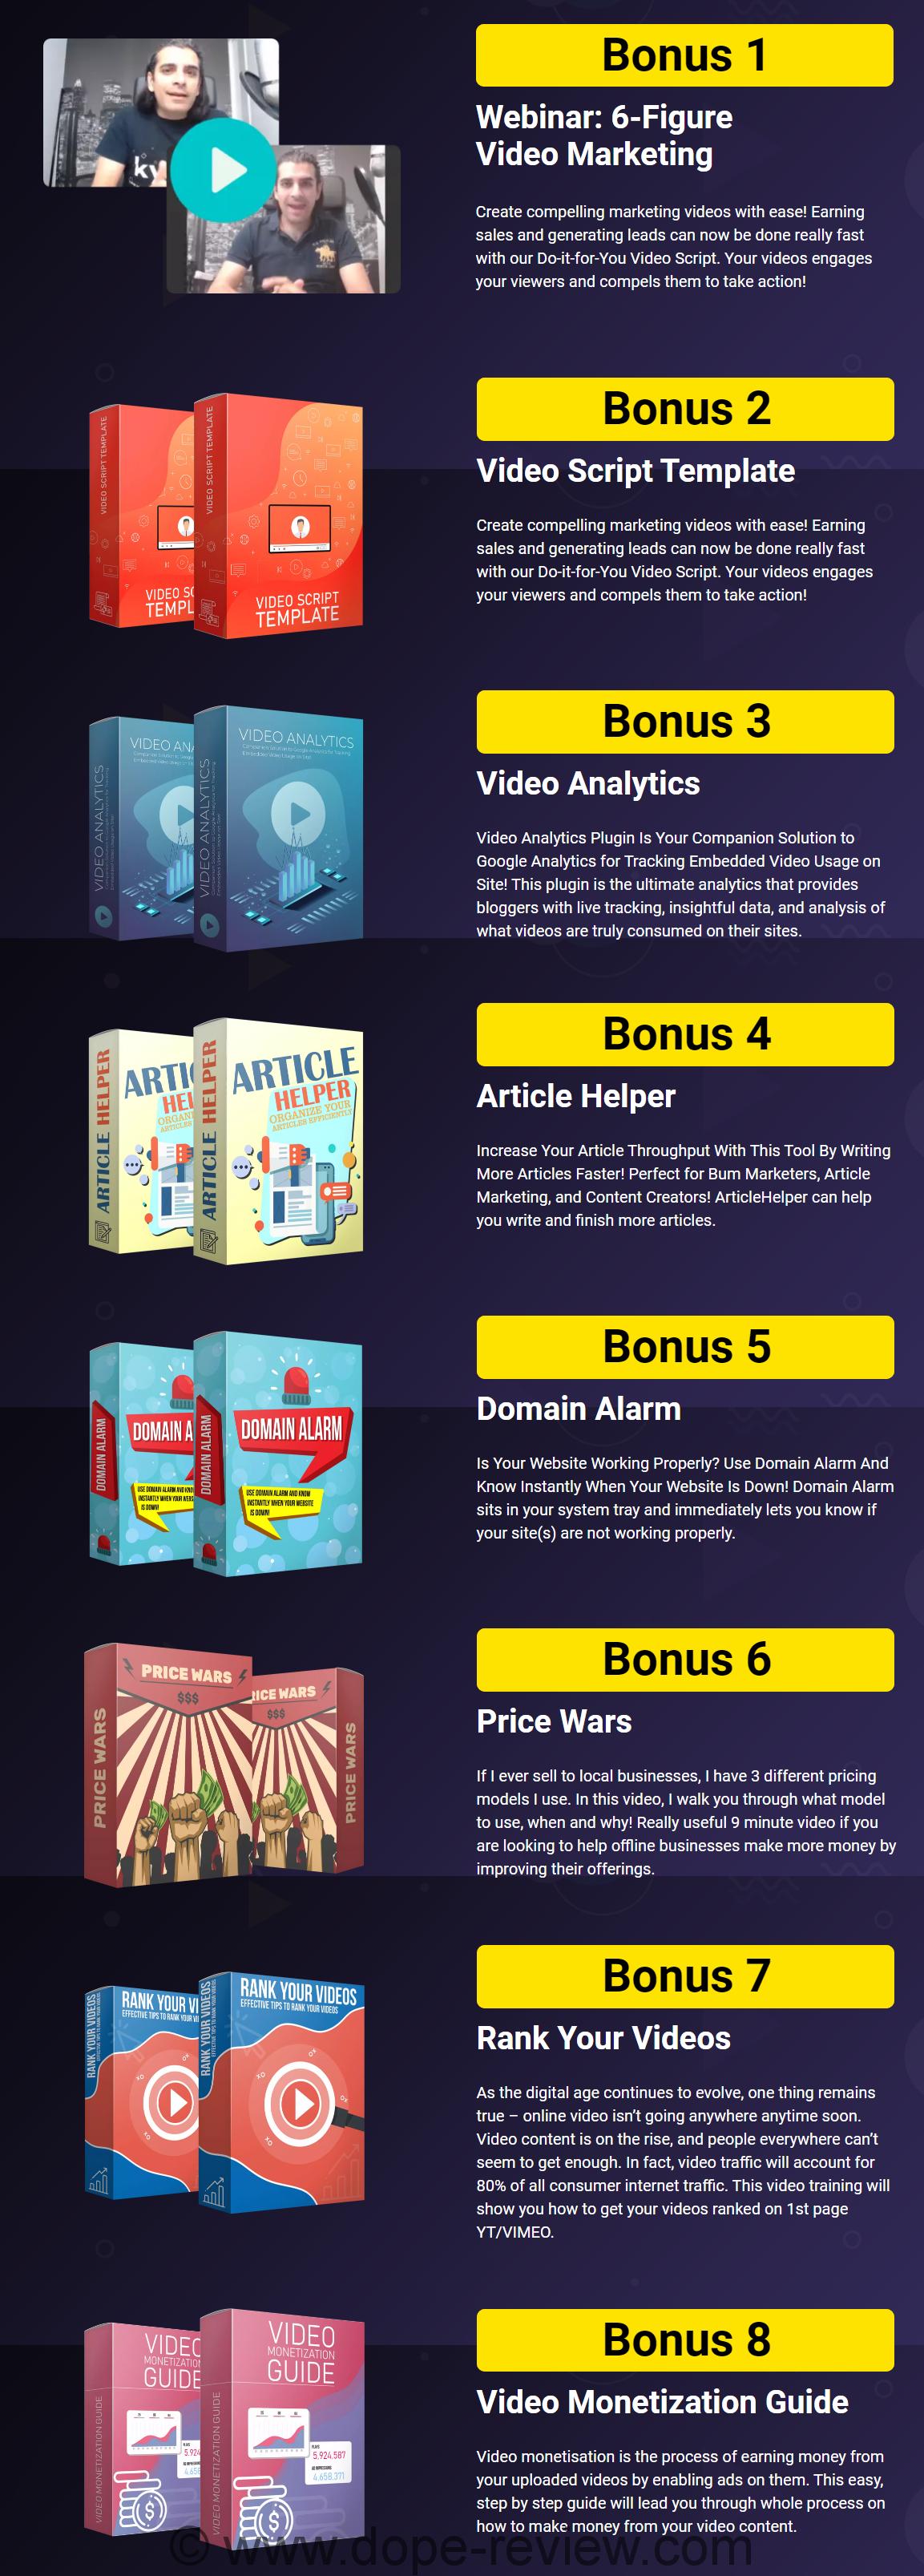 GrabVid Bonus